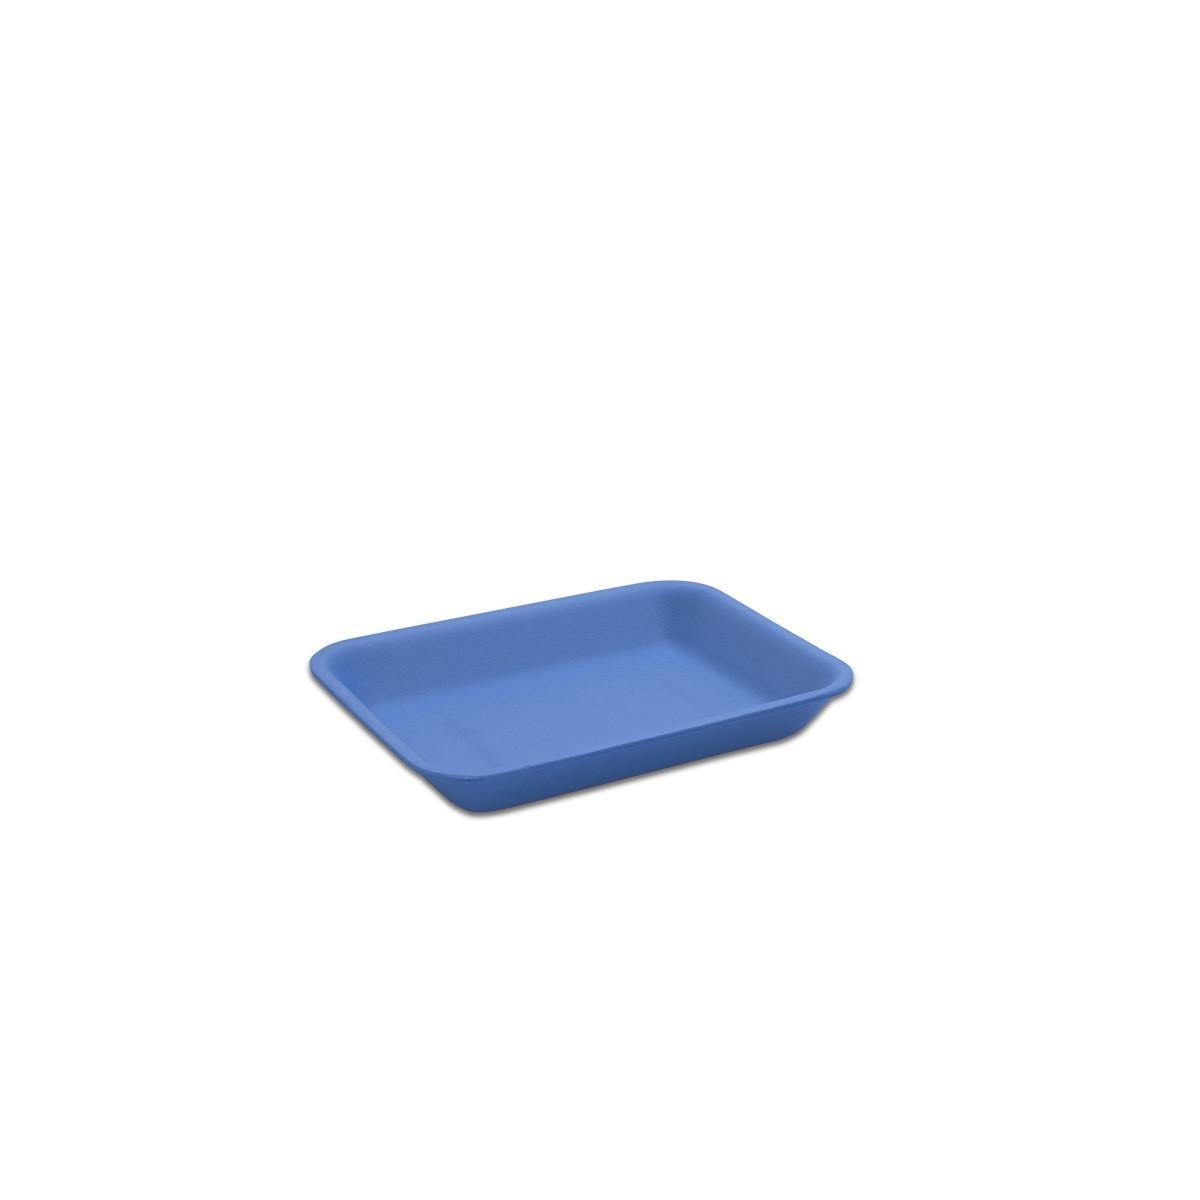 Foam Tray 167x129x25mm - Blue | 500pcs